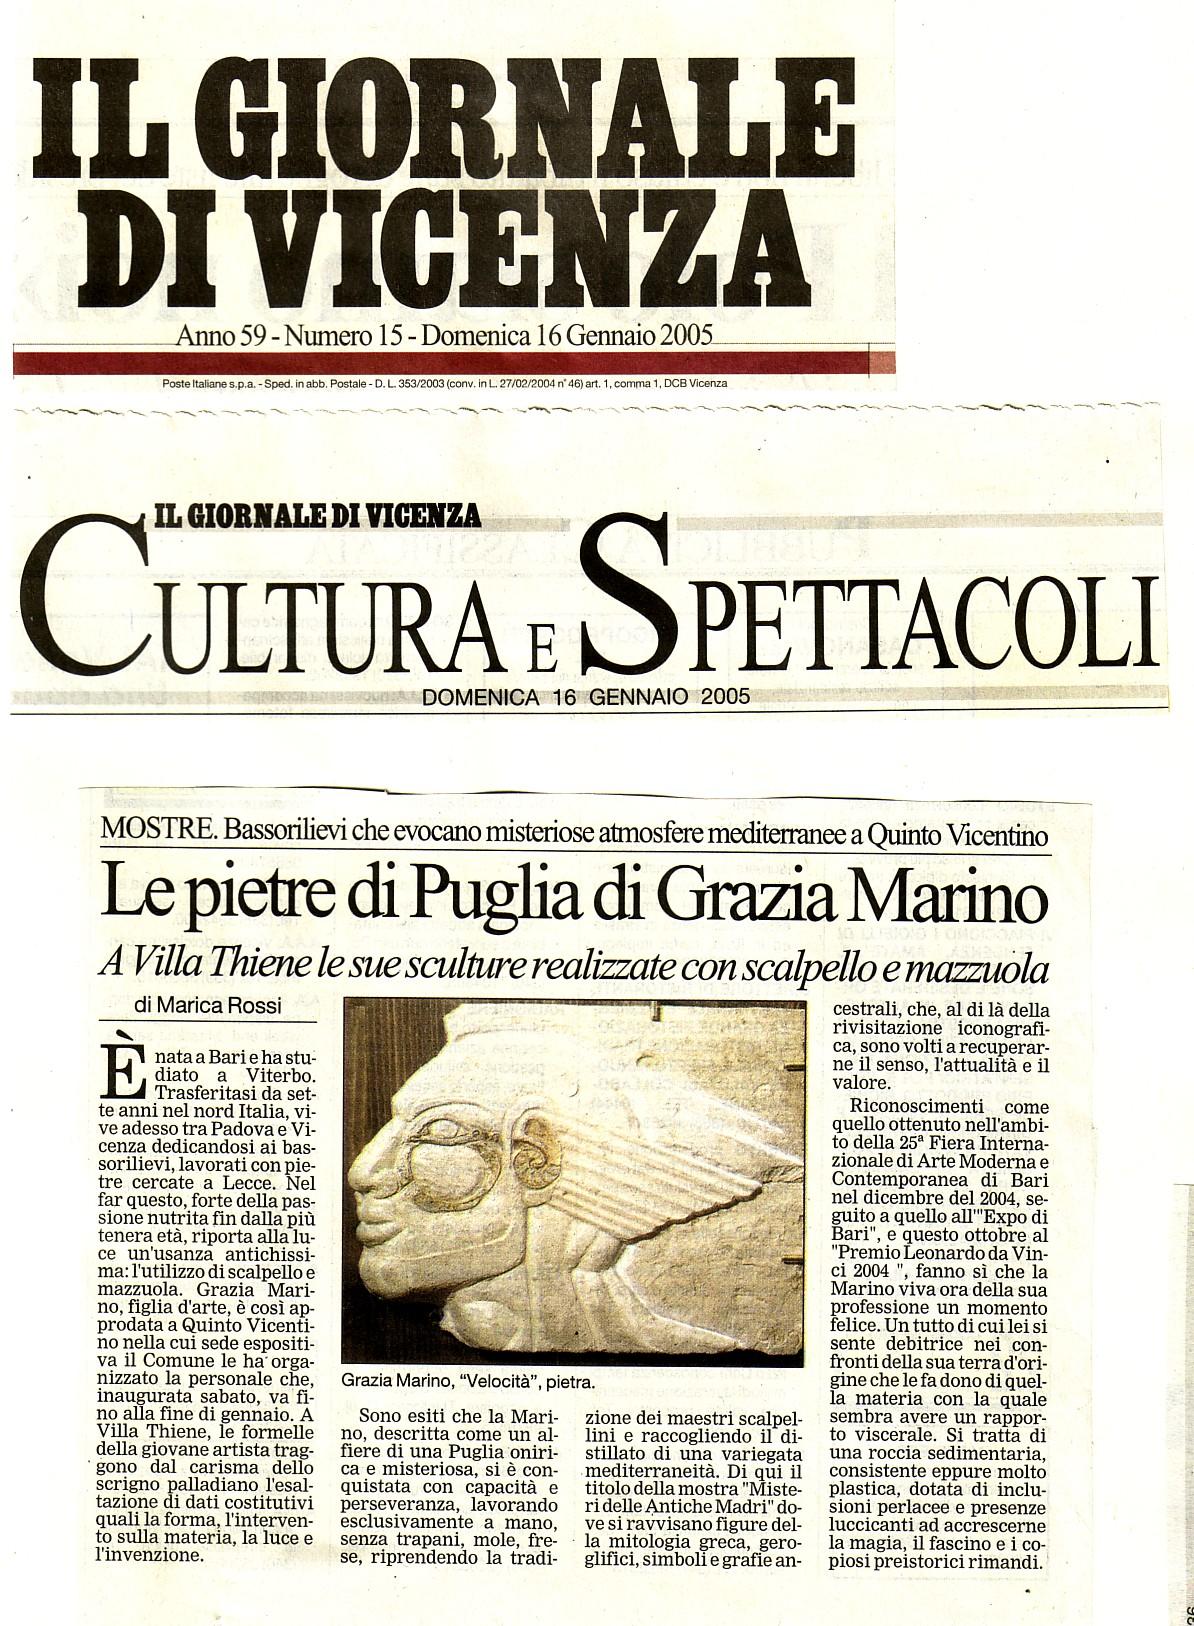 Il Giornale Di Vicenza gen.'05- di Marica Rossi